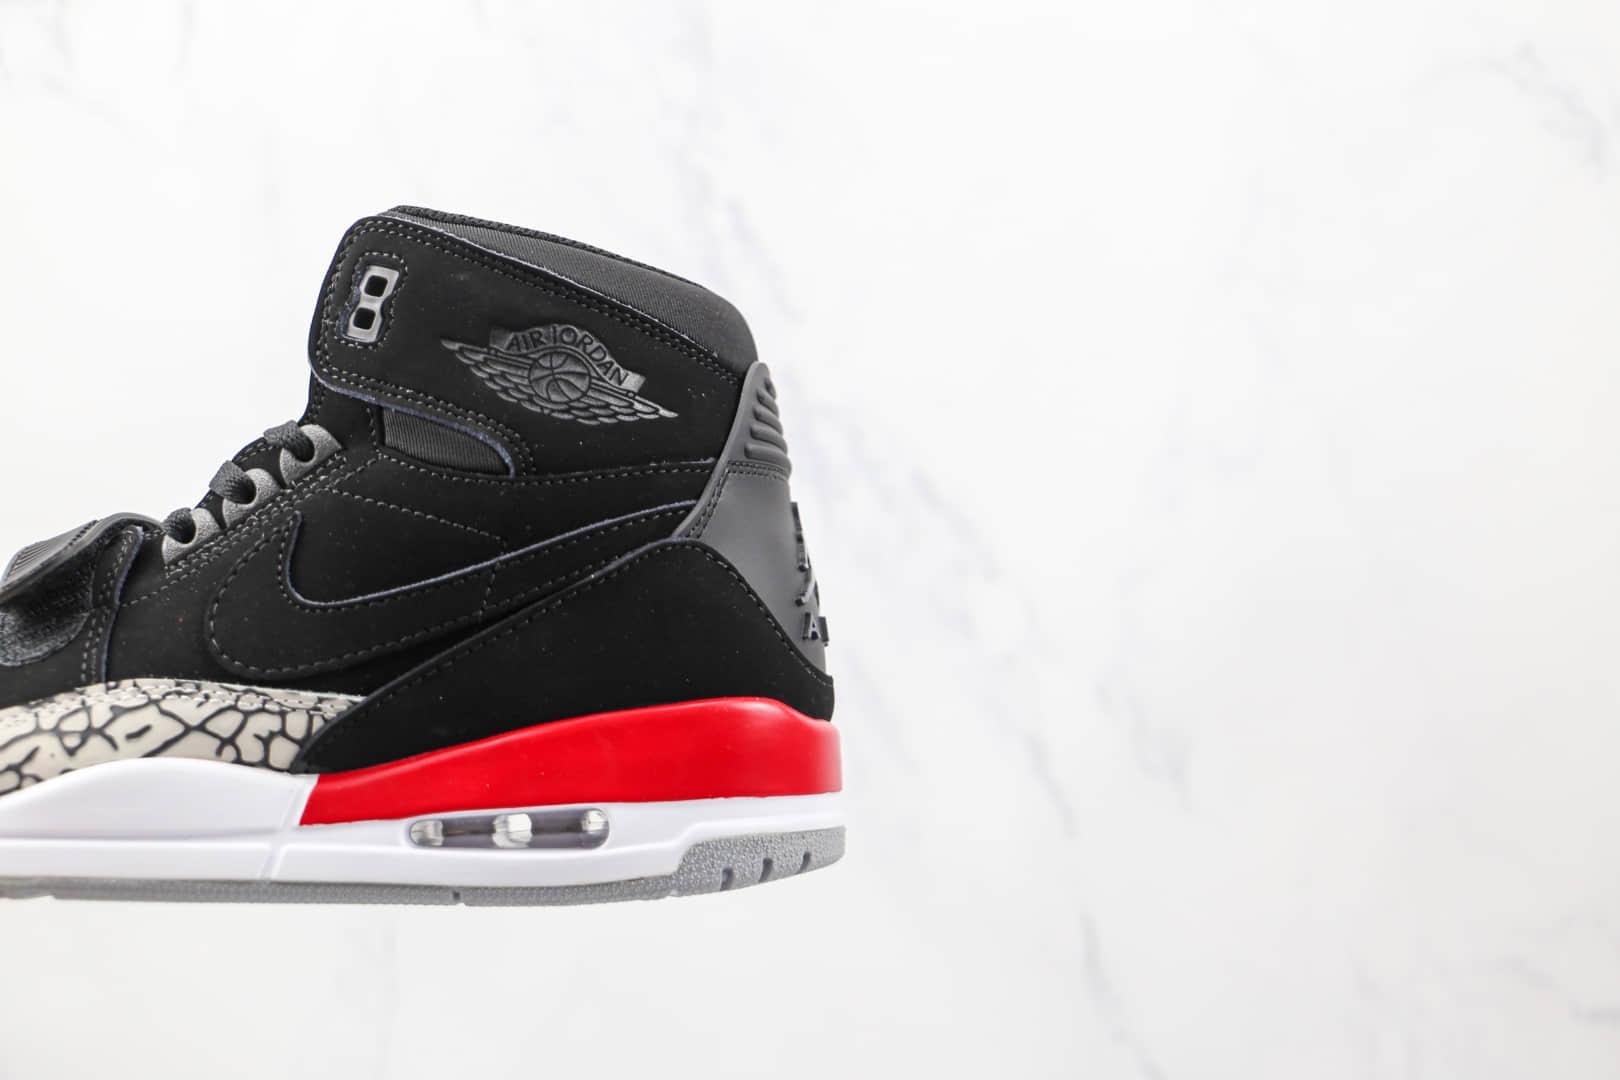 乔丹Air Jordan Legacy 312纯原版本高帮AJ132麂皮黑红色板鞋原档案数据开发 货号:AV3922-060